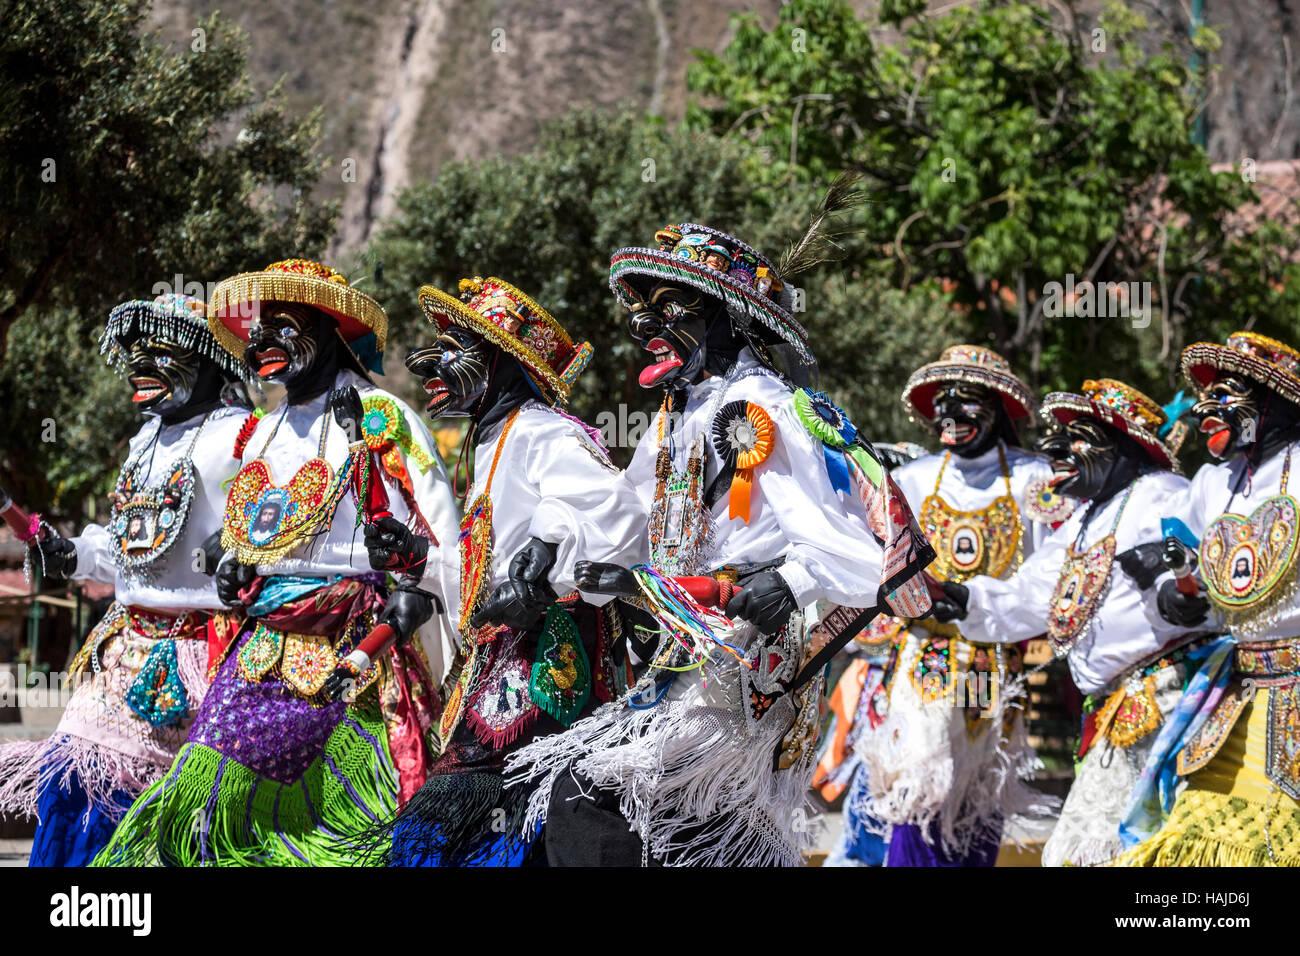 Les hommes portant des costumes colorés lors de procession religieuse, Arequipa, Cusco, Pérou Banque D'Images